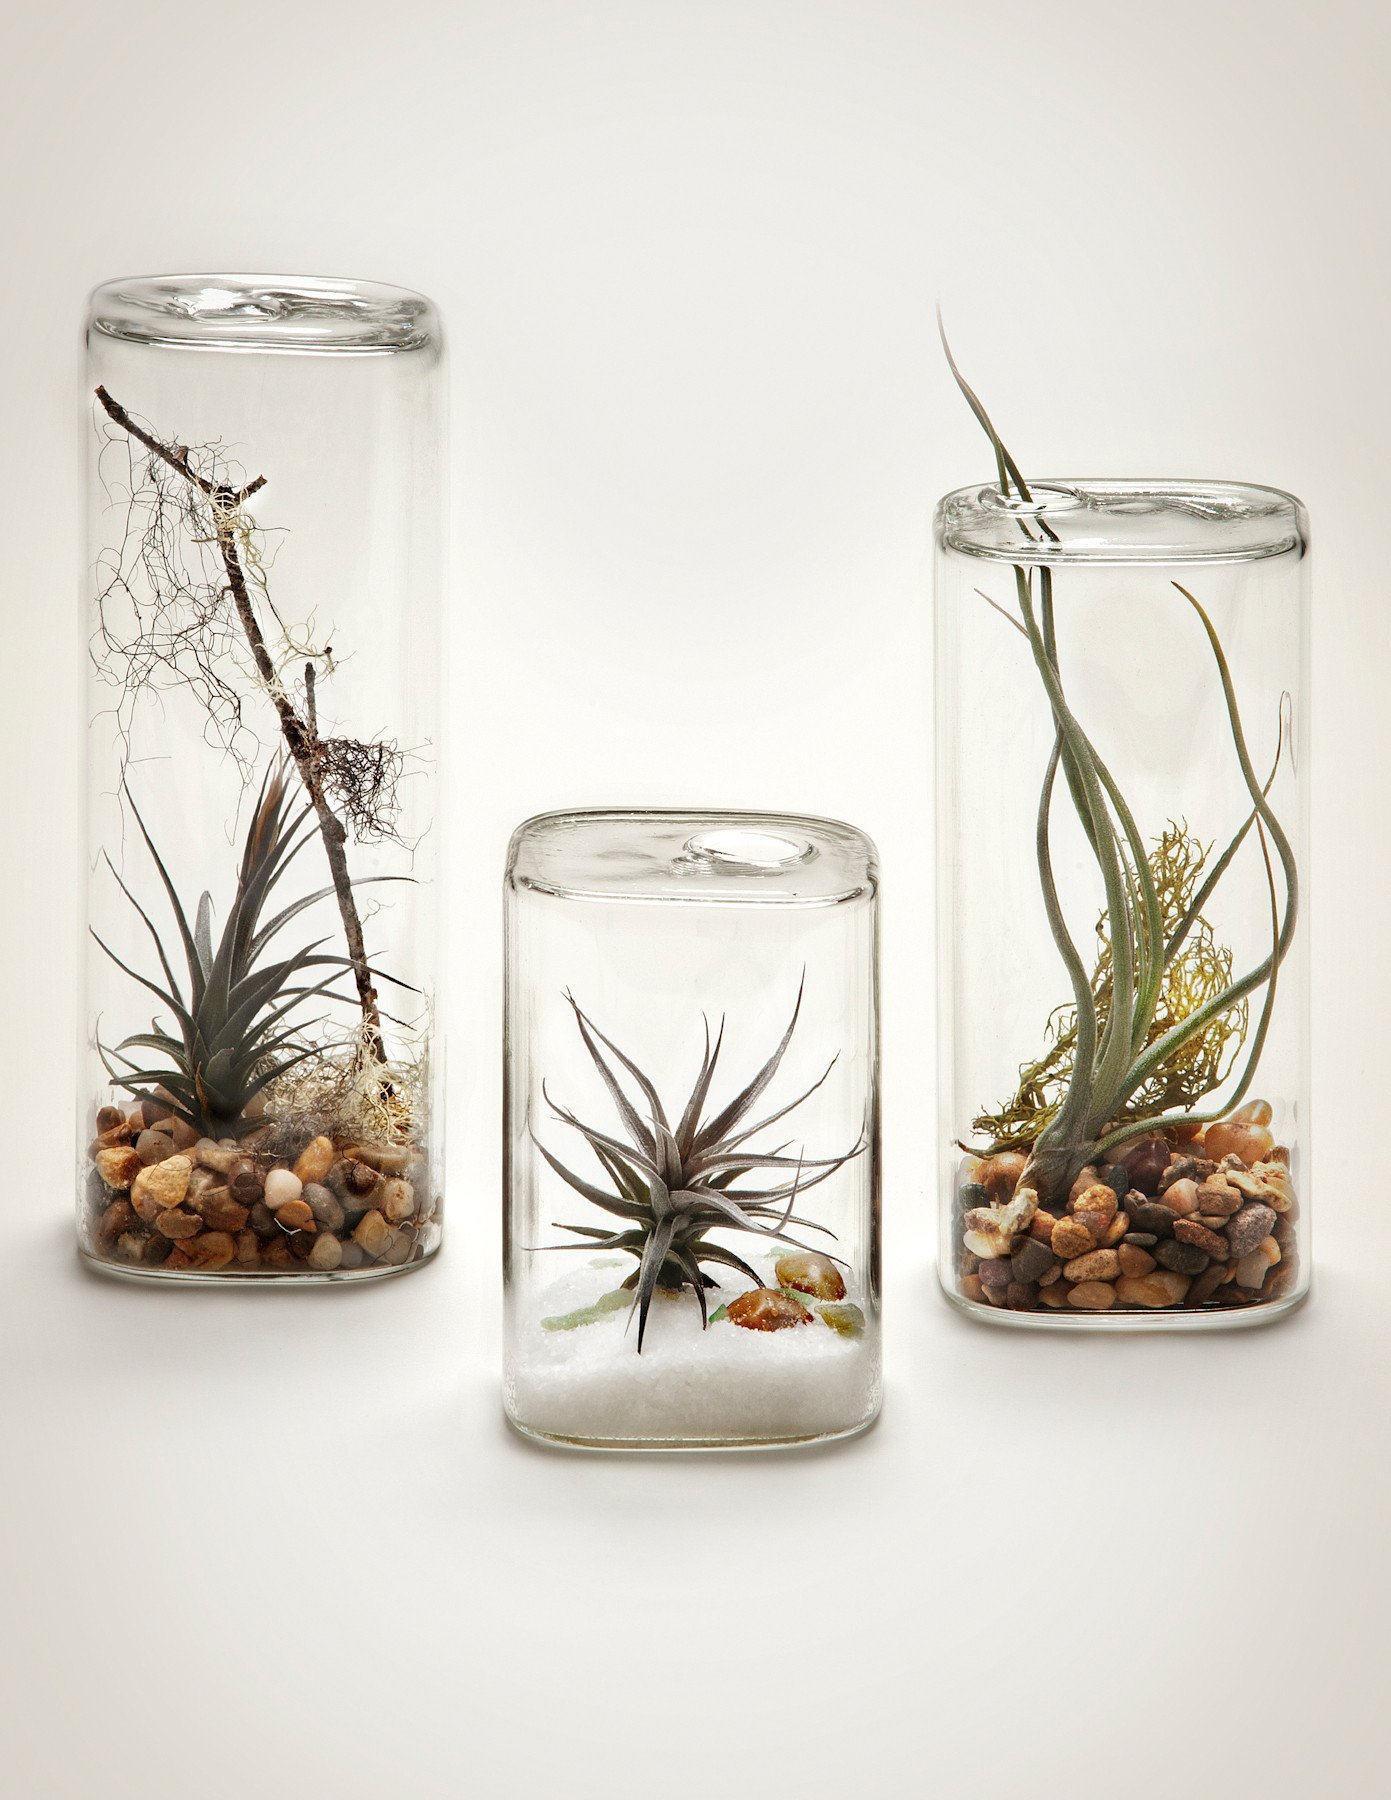 plantas de aire para decoración